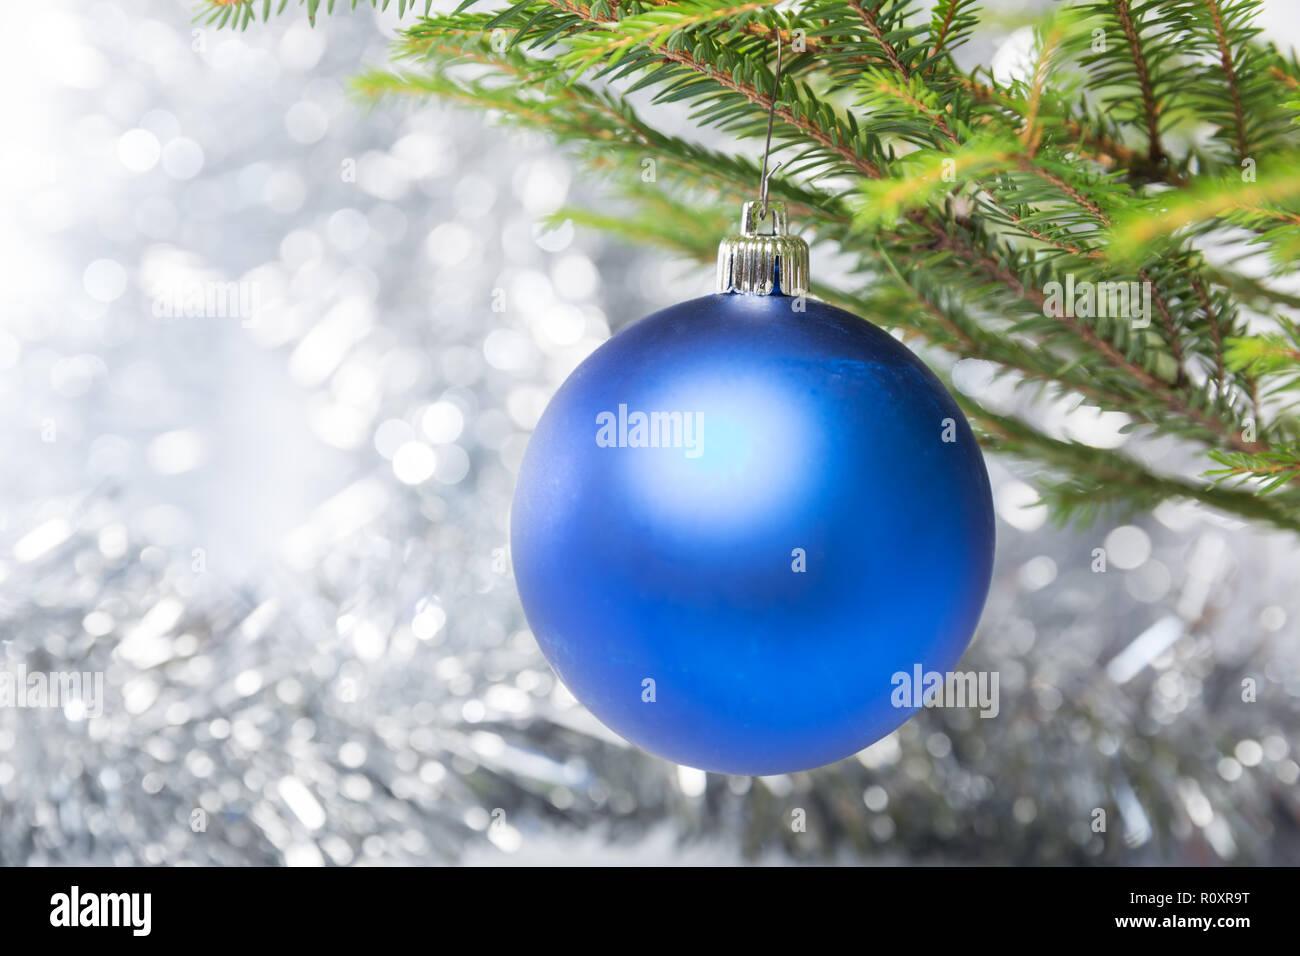 Decorazioni Albero Di Natale Blu : Decorazioni di natale una sfera blu appeso su albero di natale